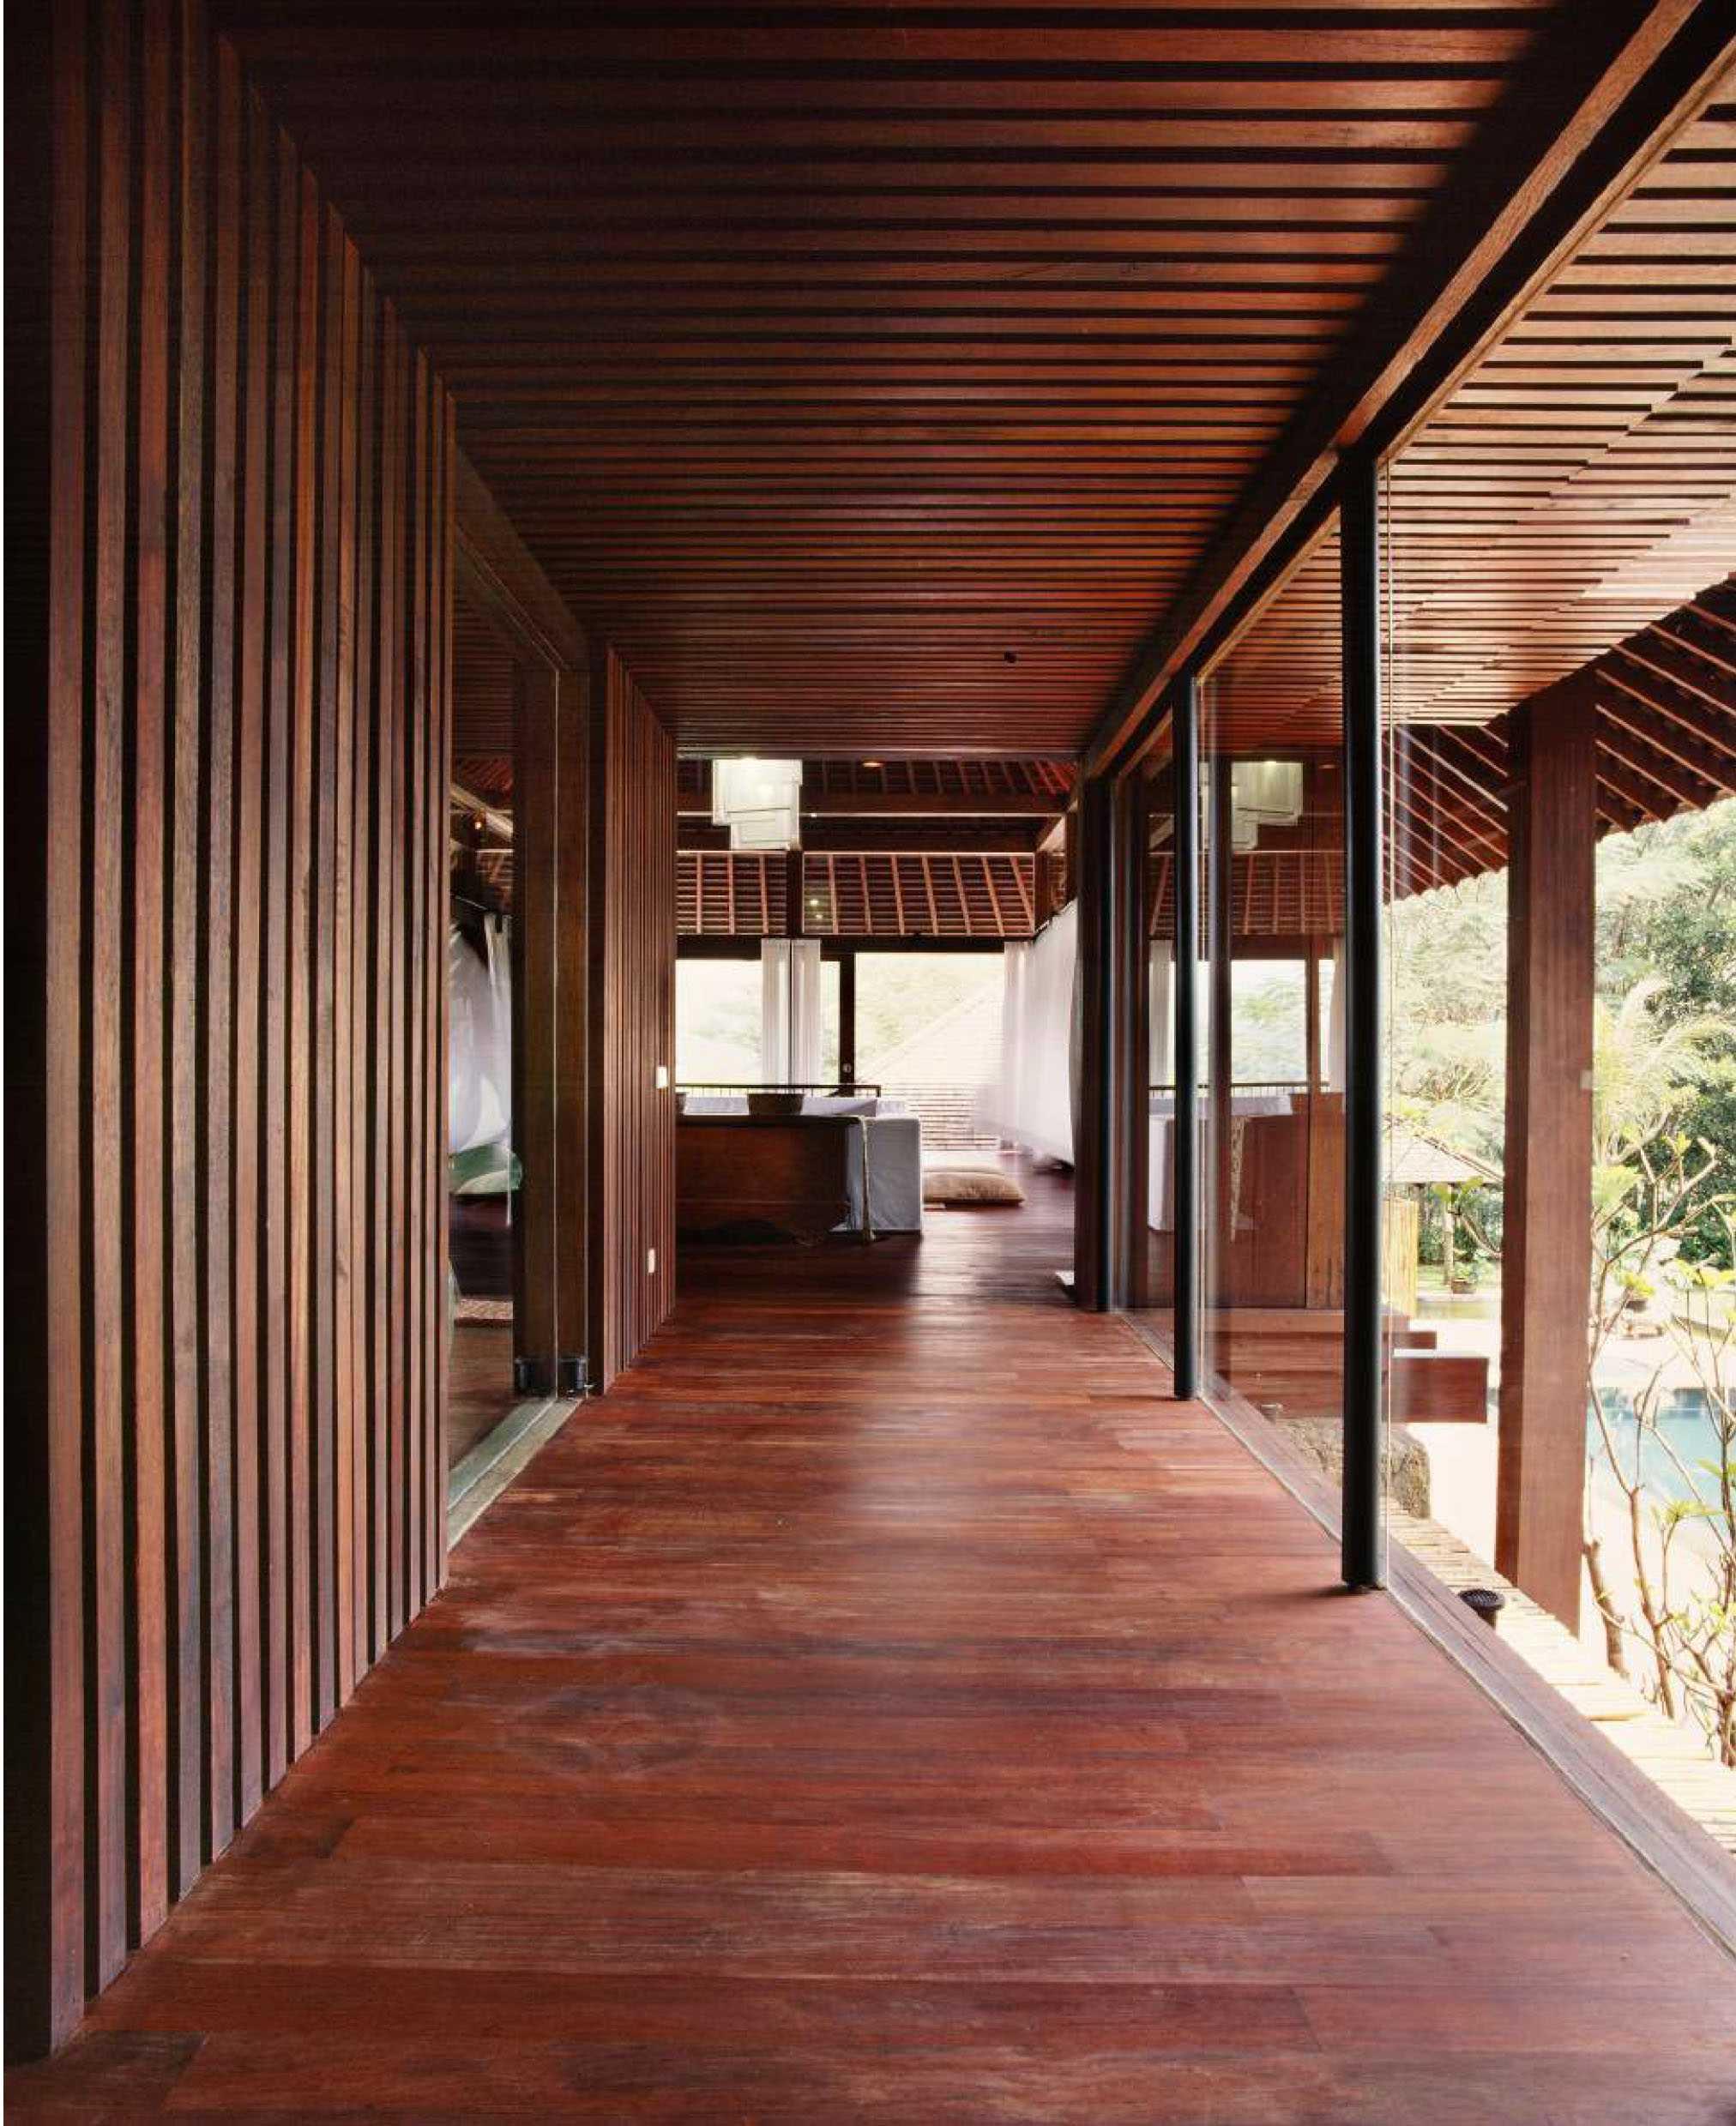 Studio Air Putih Ak_House Rancamaya, Bogor Rancamaya, Bogor Hallway Traditional  25012